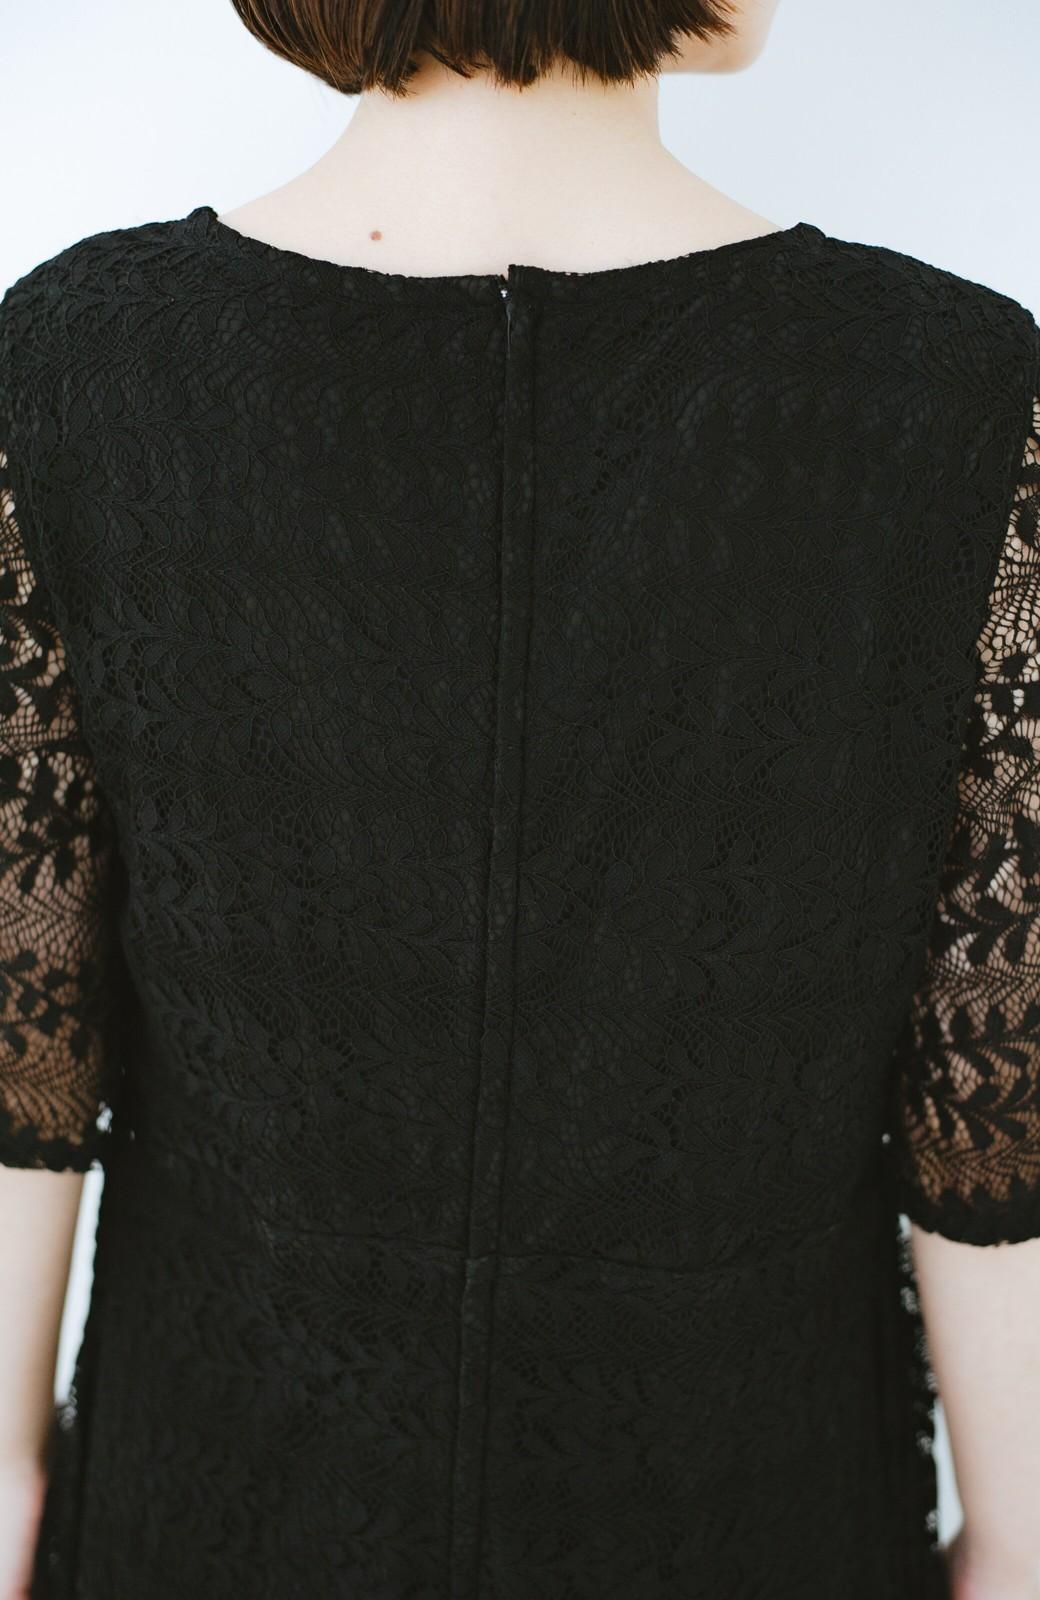 haco! 結婚式にも便利!スカートのドレープがきれいなレースワンピース <ブラック>の商品写真5